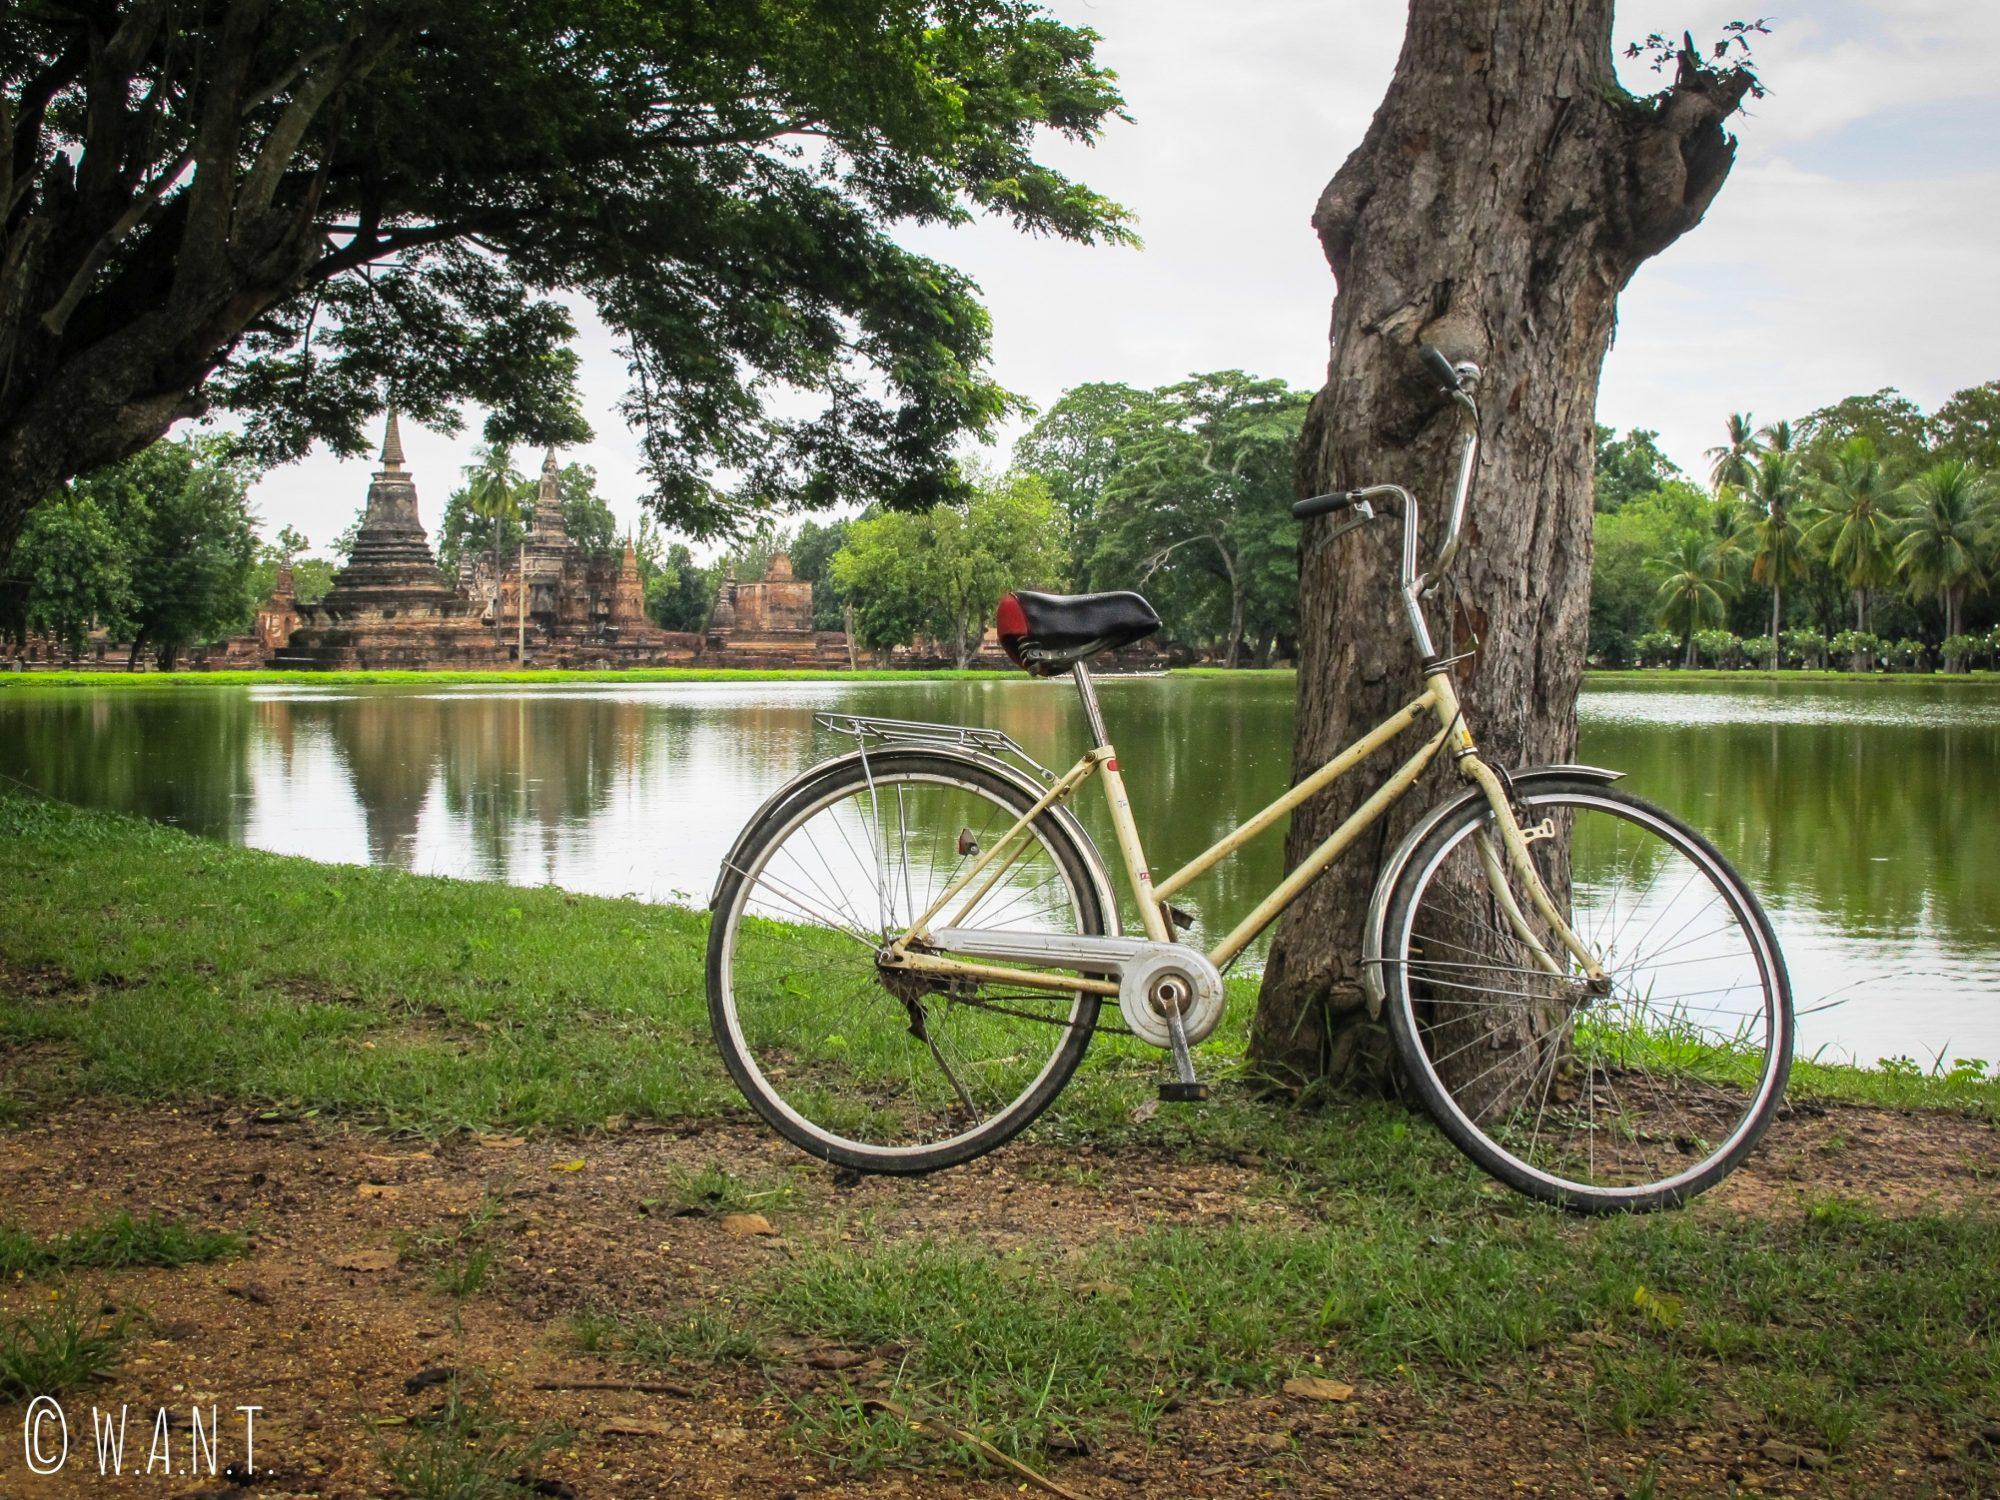 Nous avons arpenté le parc historique de Sukhothai en vélo